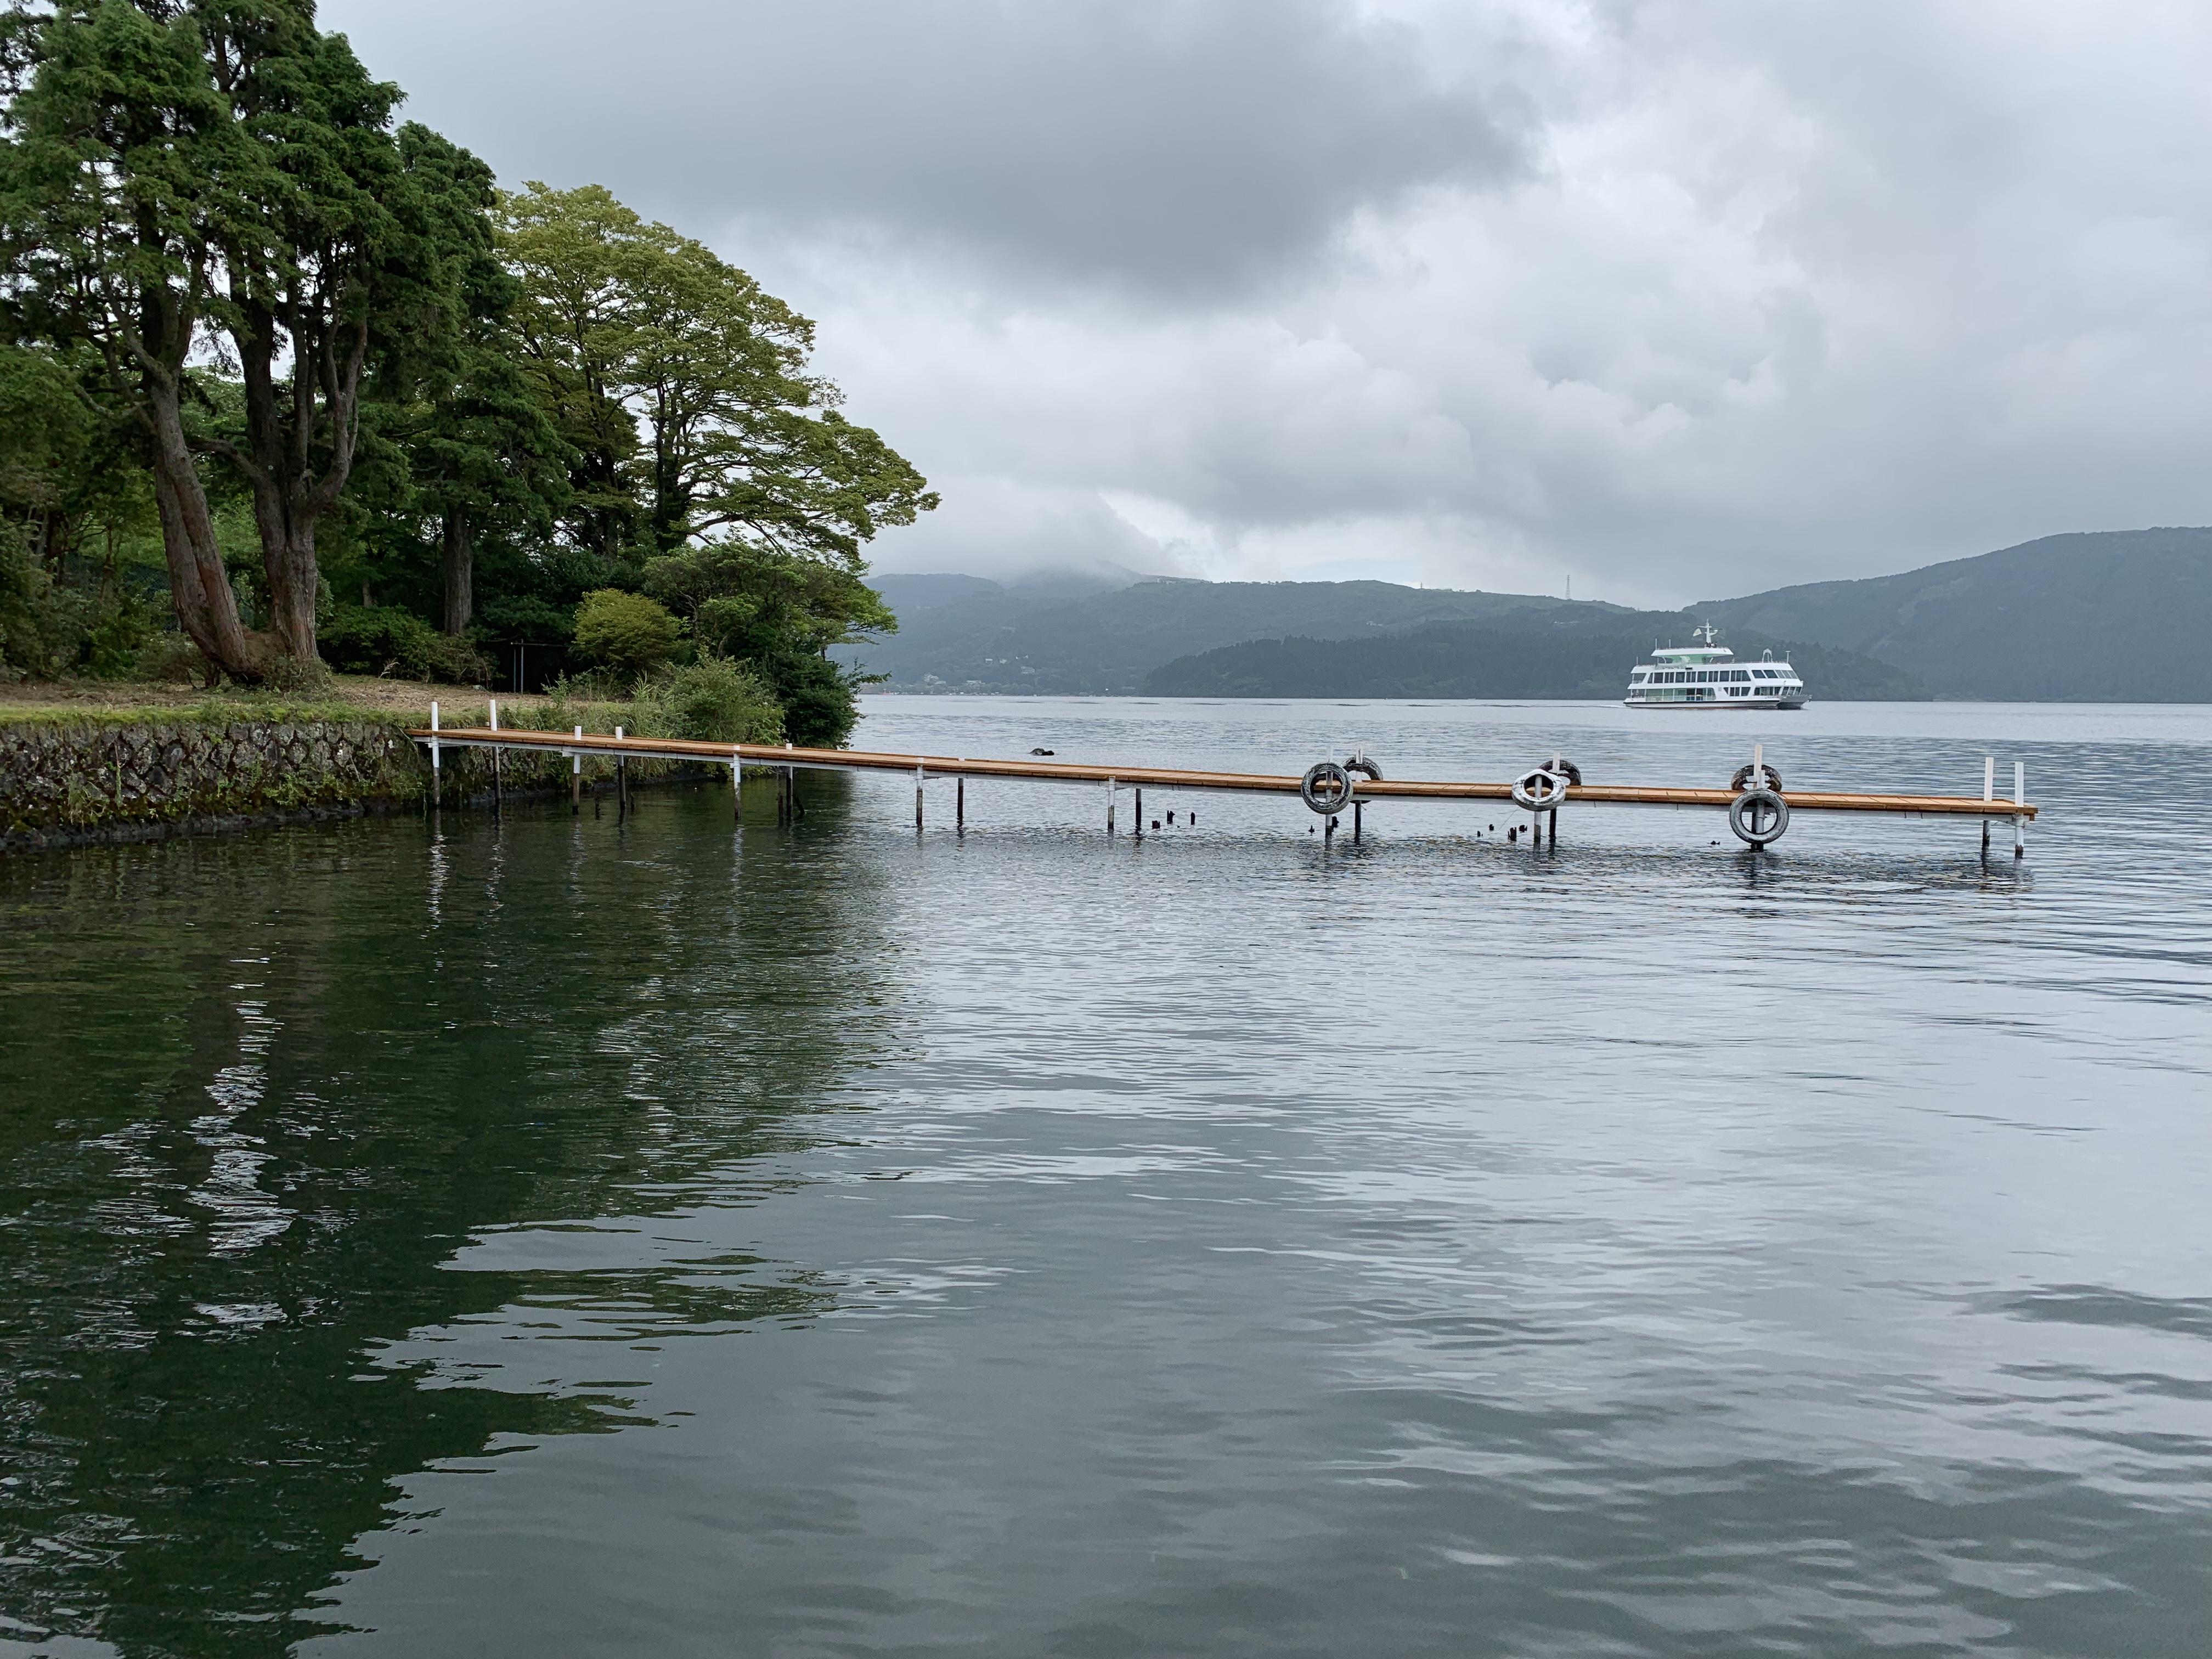 芦ノ湖 青屋根の桟橋